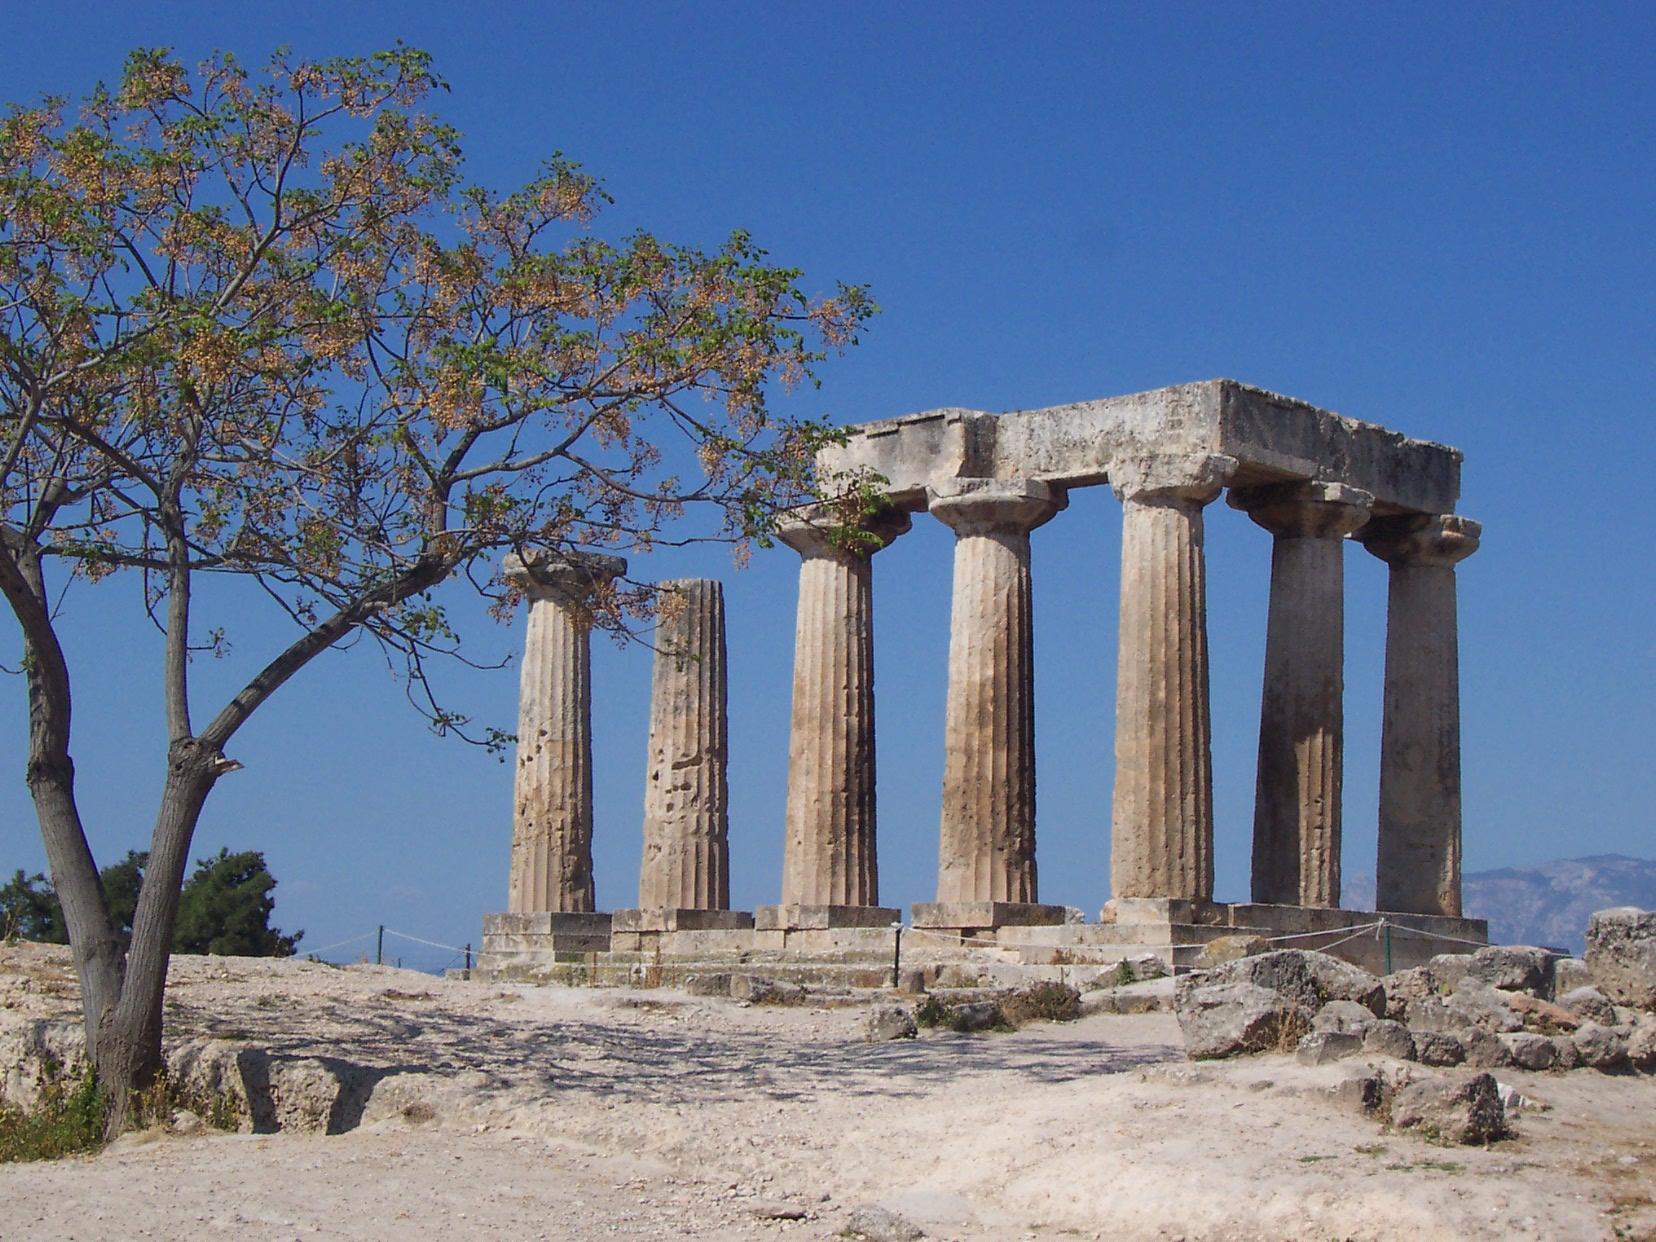 File:Temple of Apollo (Corinth).JPG